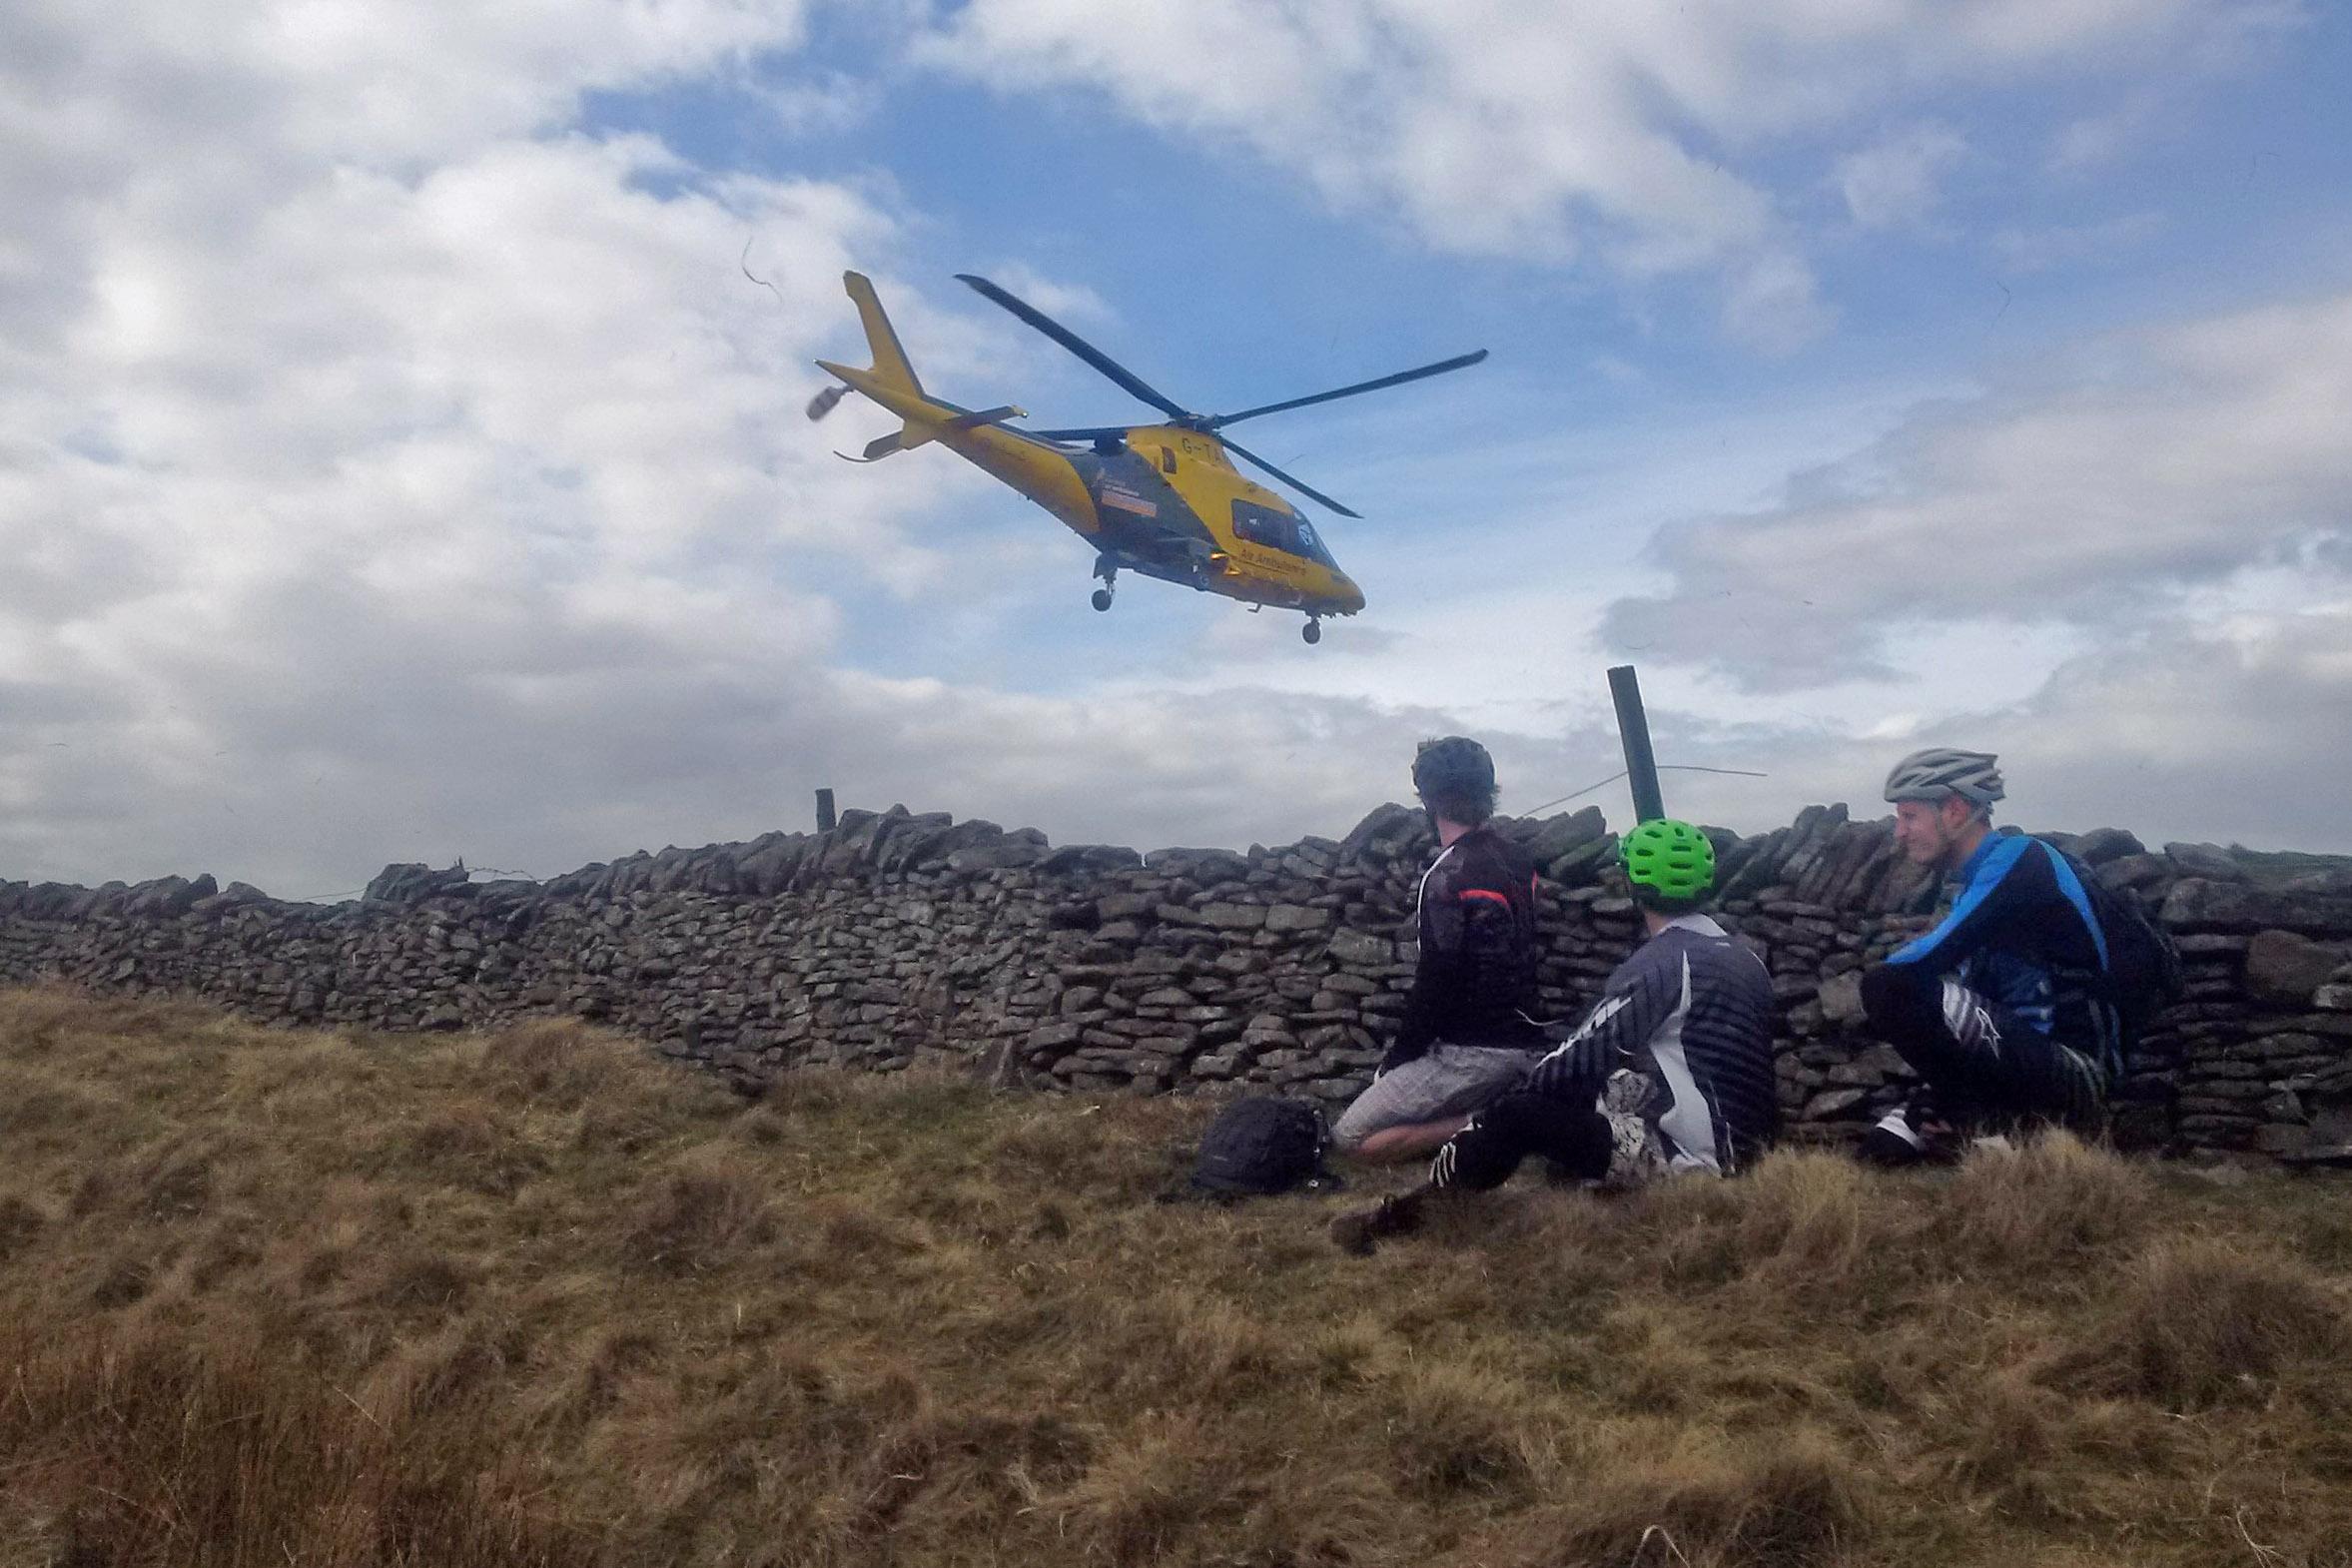 Pyms-Chair-April-2016-5-chopper-landing